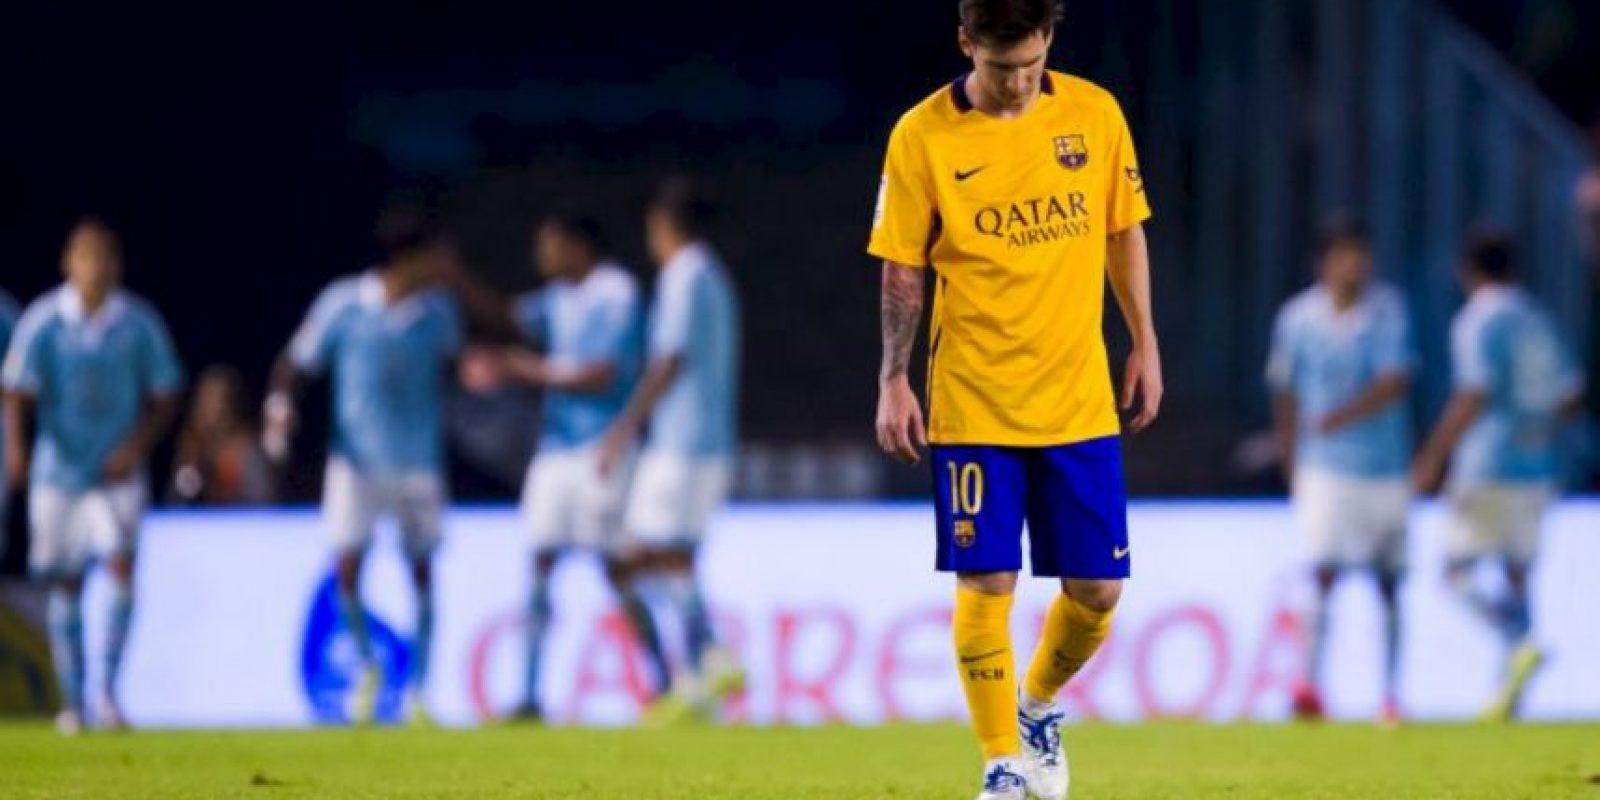 Las cosas no van bien cuando saltan a la cancha con la camiseta amarilla Foto:Getty Images